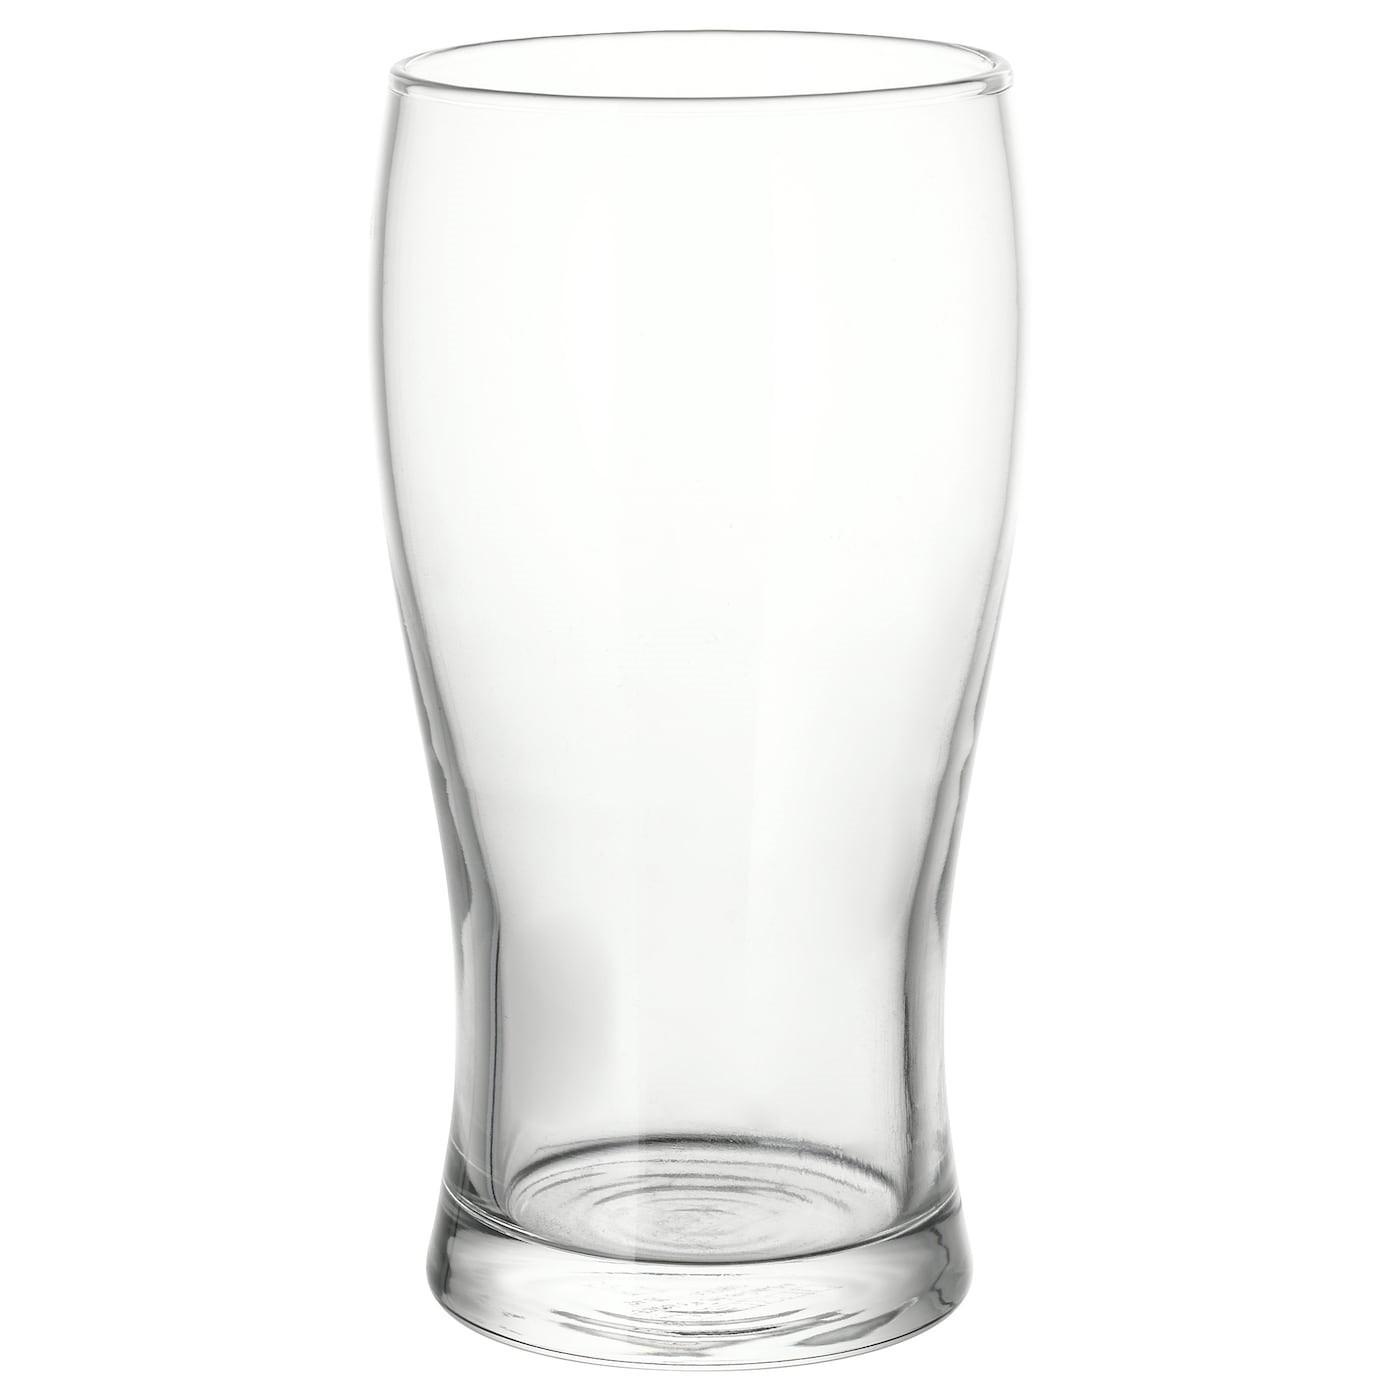 IKEA LODRÄT пивной бокал прозрачное стекло 16 см 502.093.37